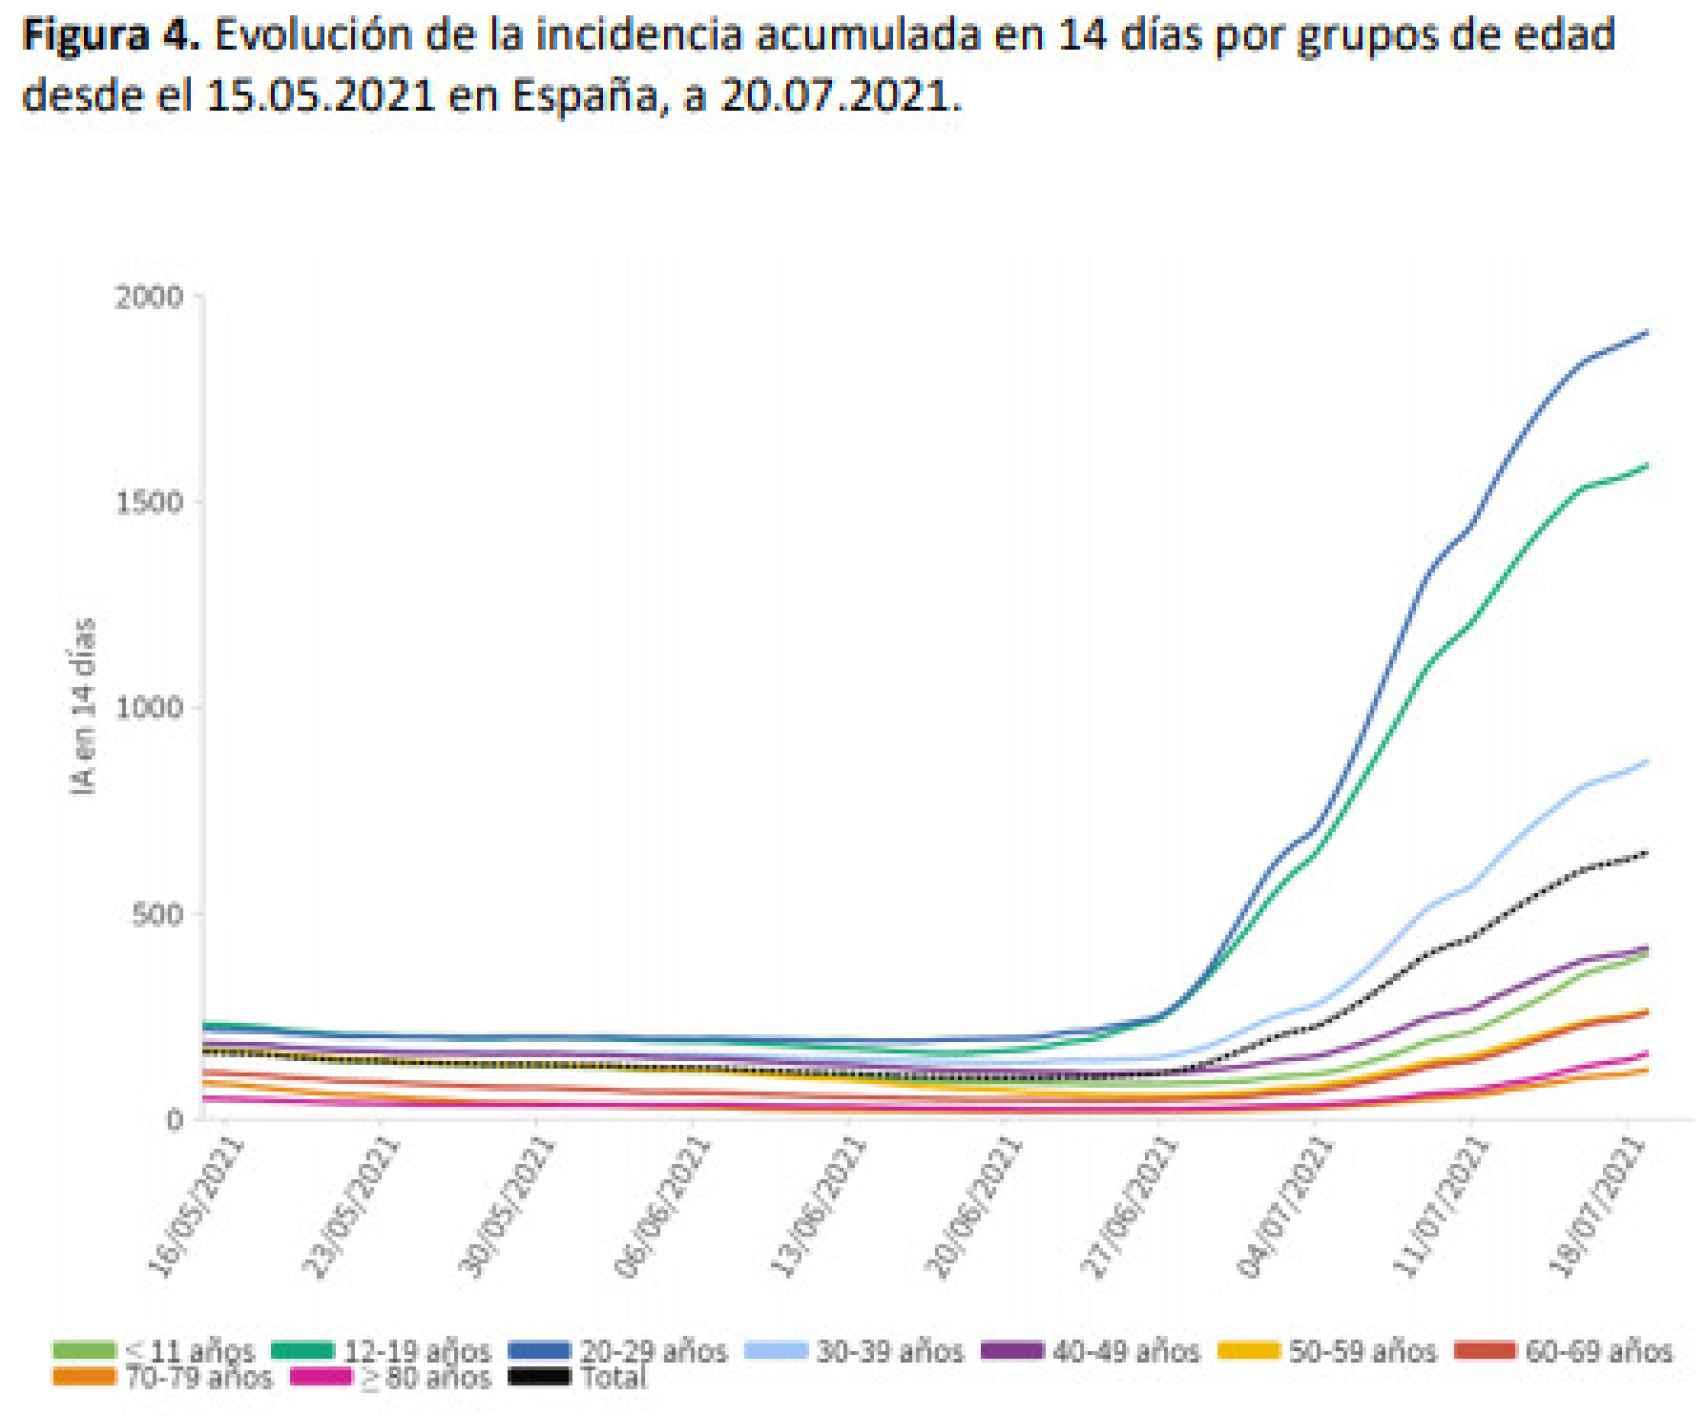 Evolución de la incidencia acumulada a 14 días por grupos de edad.